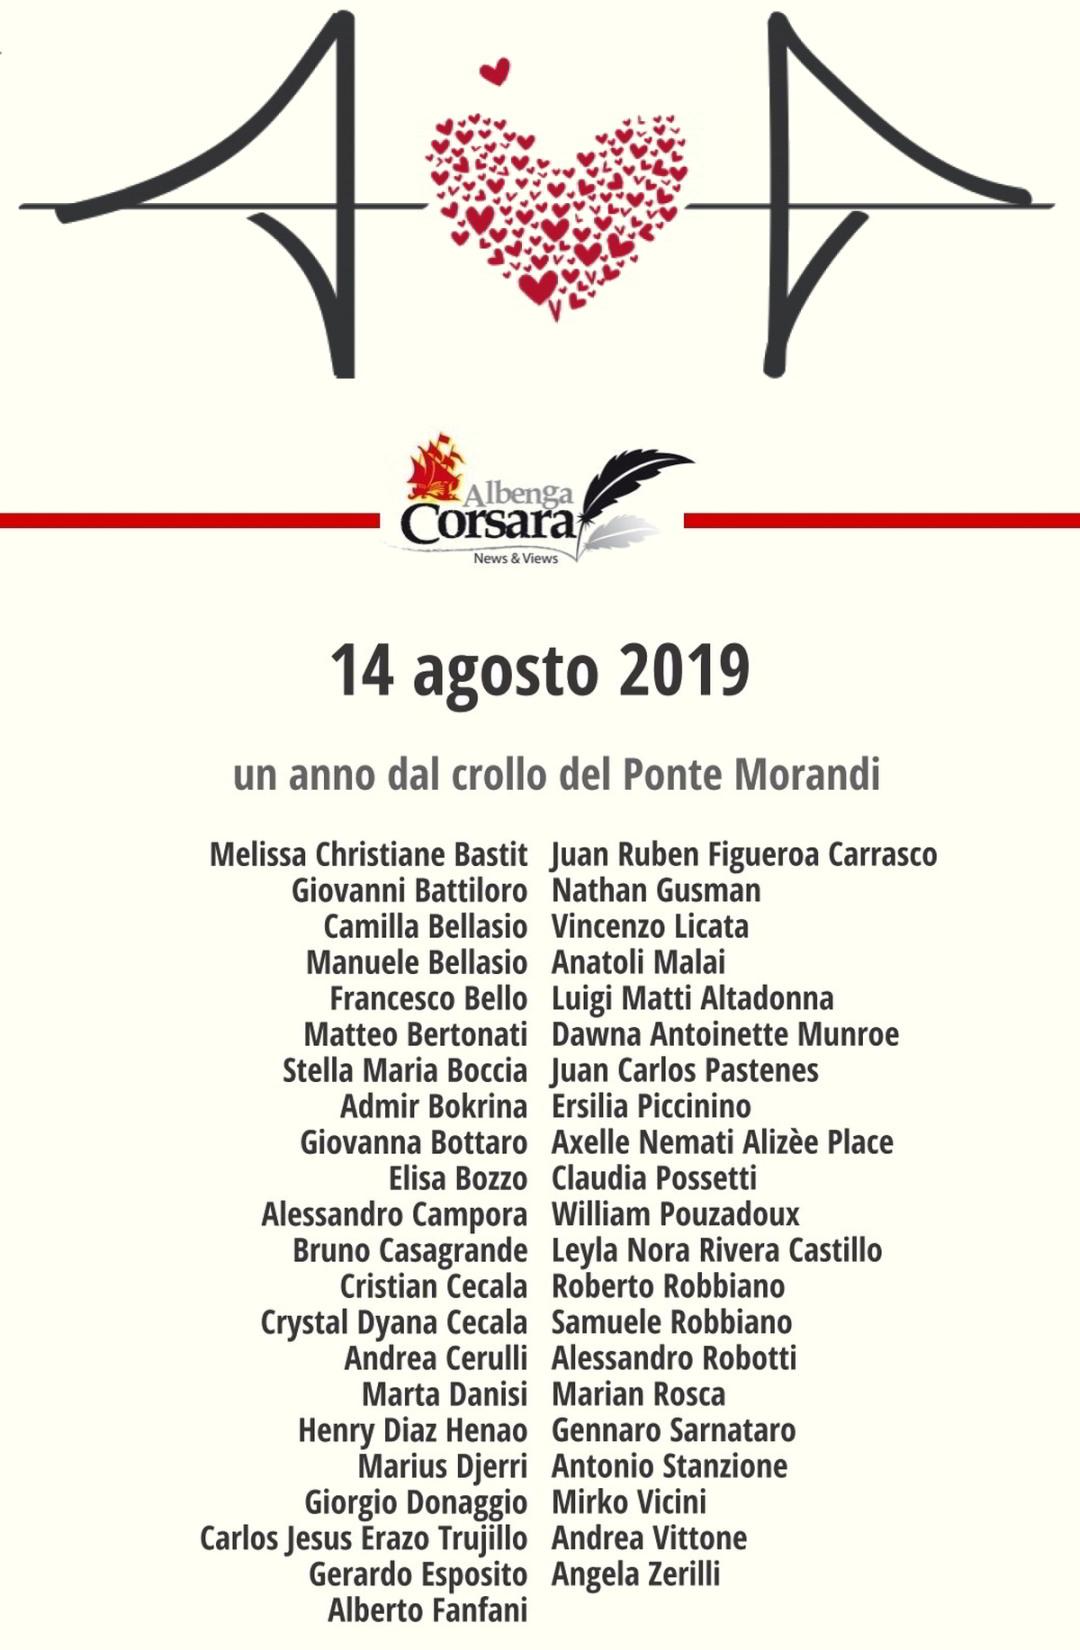 Commemorazione crollo Ponte Morandi Genova AC 14agosto2019